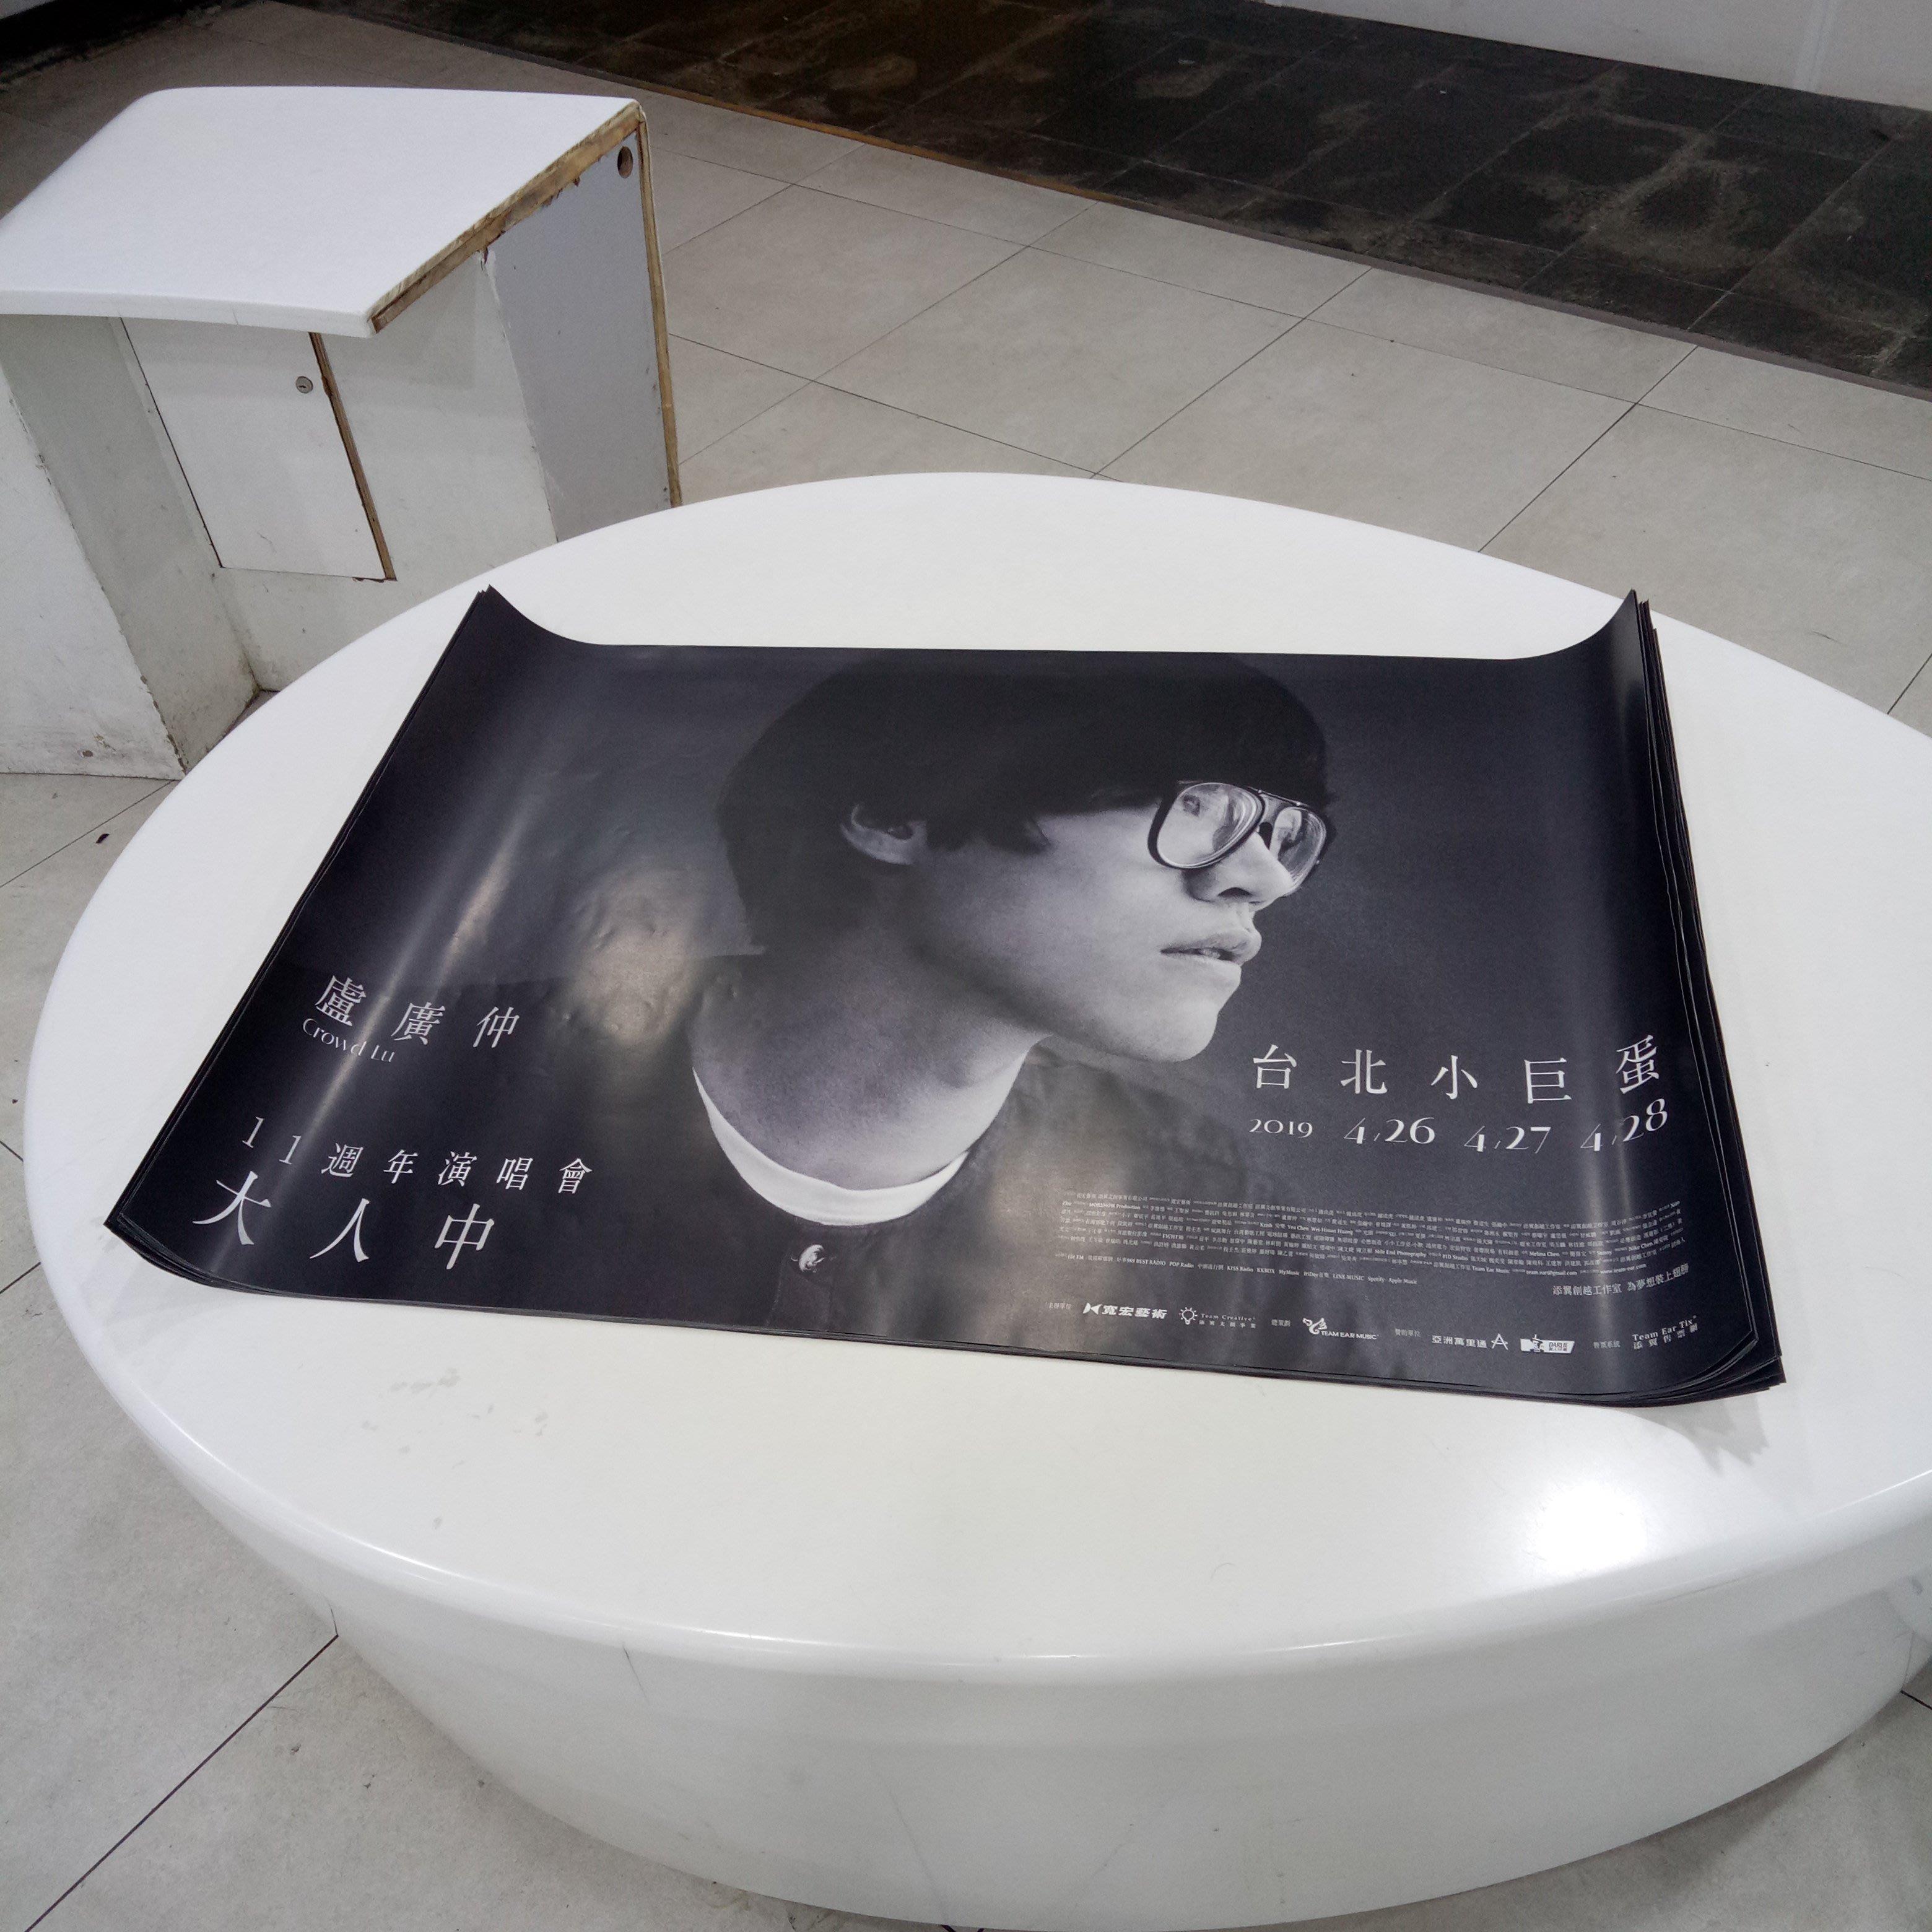 盧廣仲 11週年演唱會 大人中 台北小巨蛋 海報